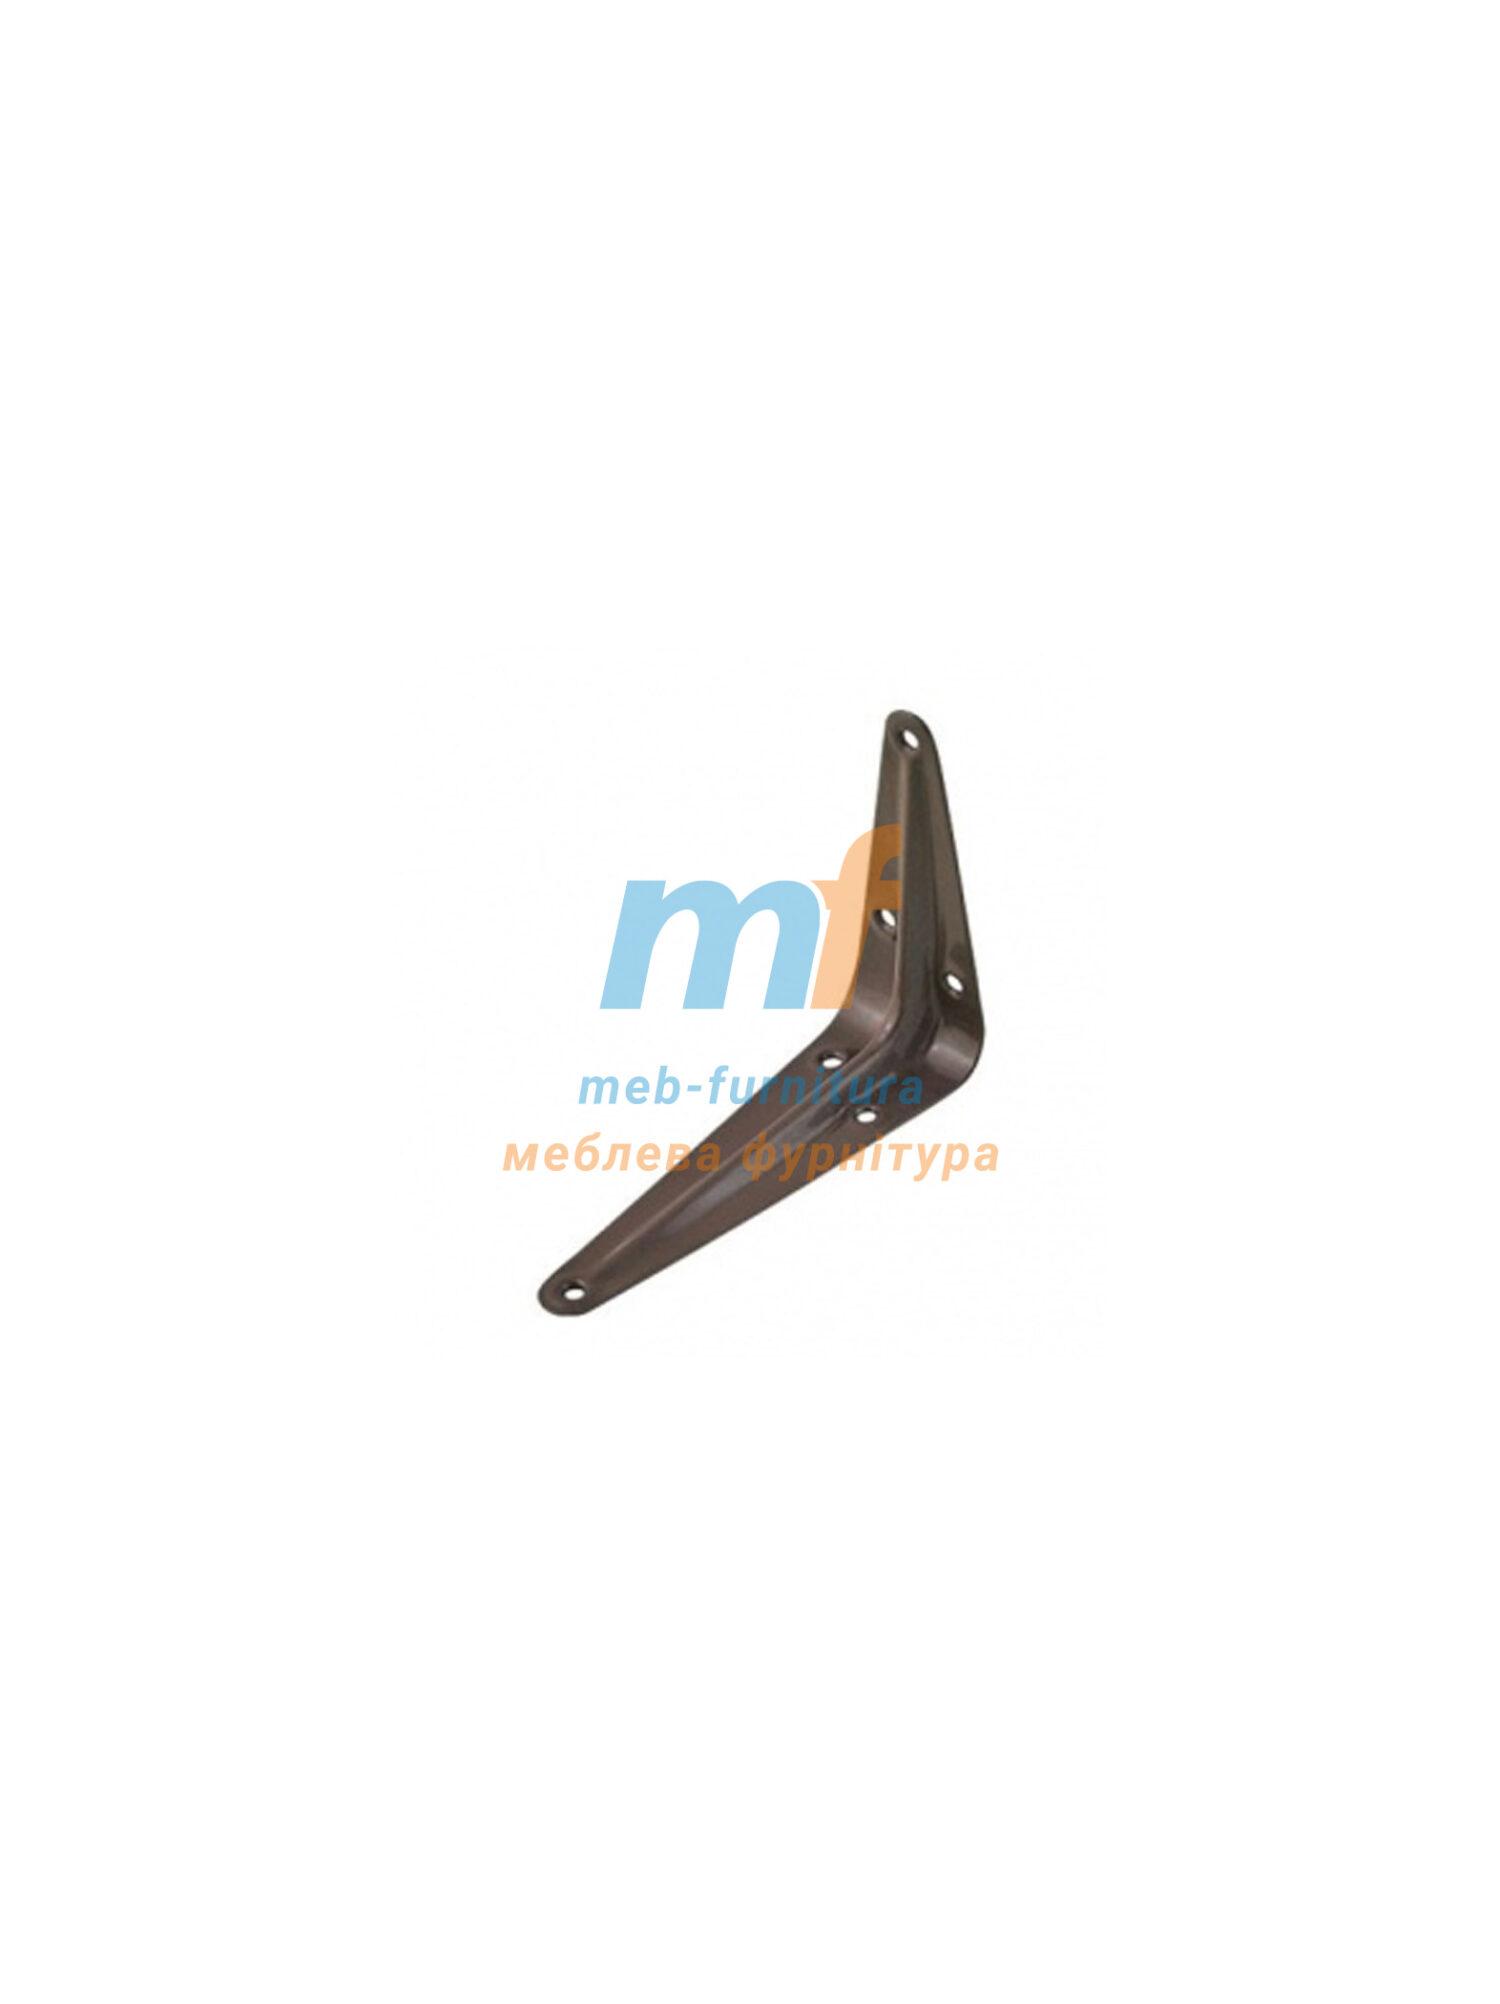 Консоль-полкодержатель металлический (10х12) 250х300мм коричневый Польша